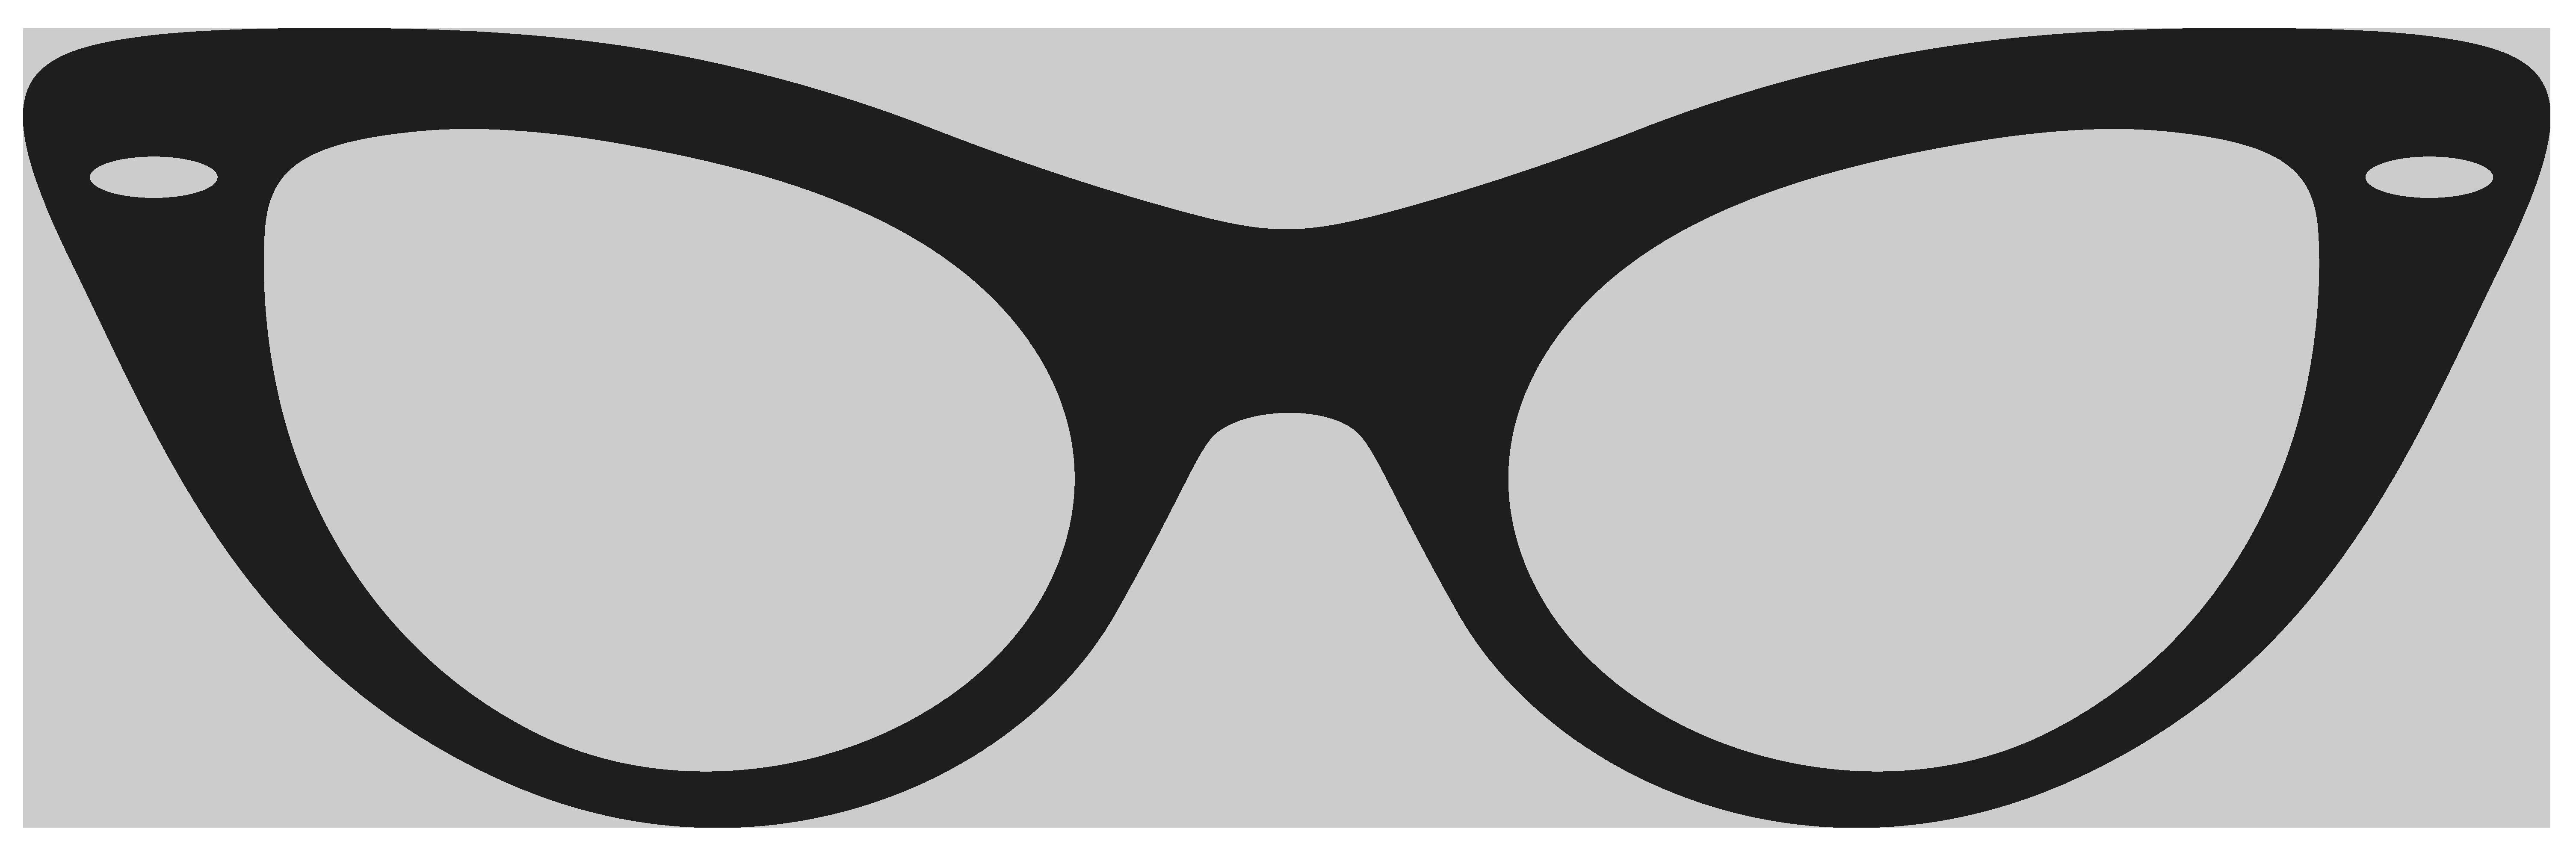 Glasses Clipart